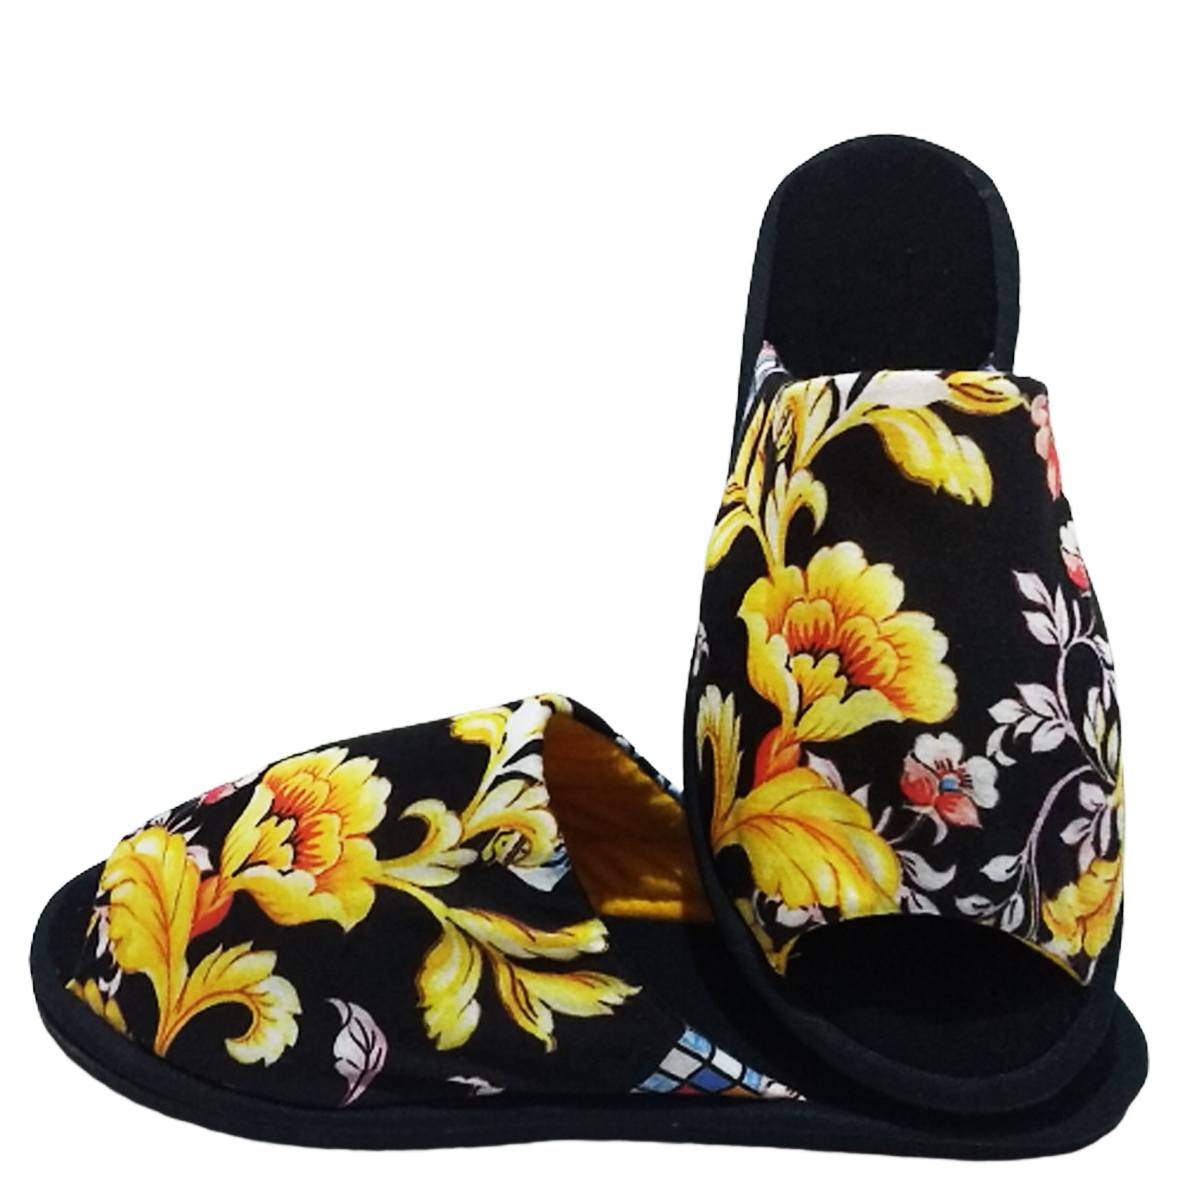 Chinelo de Quarto Aberto Feminino Floral cod 26